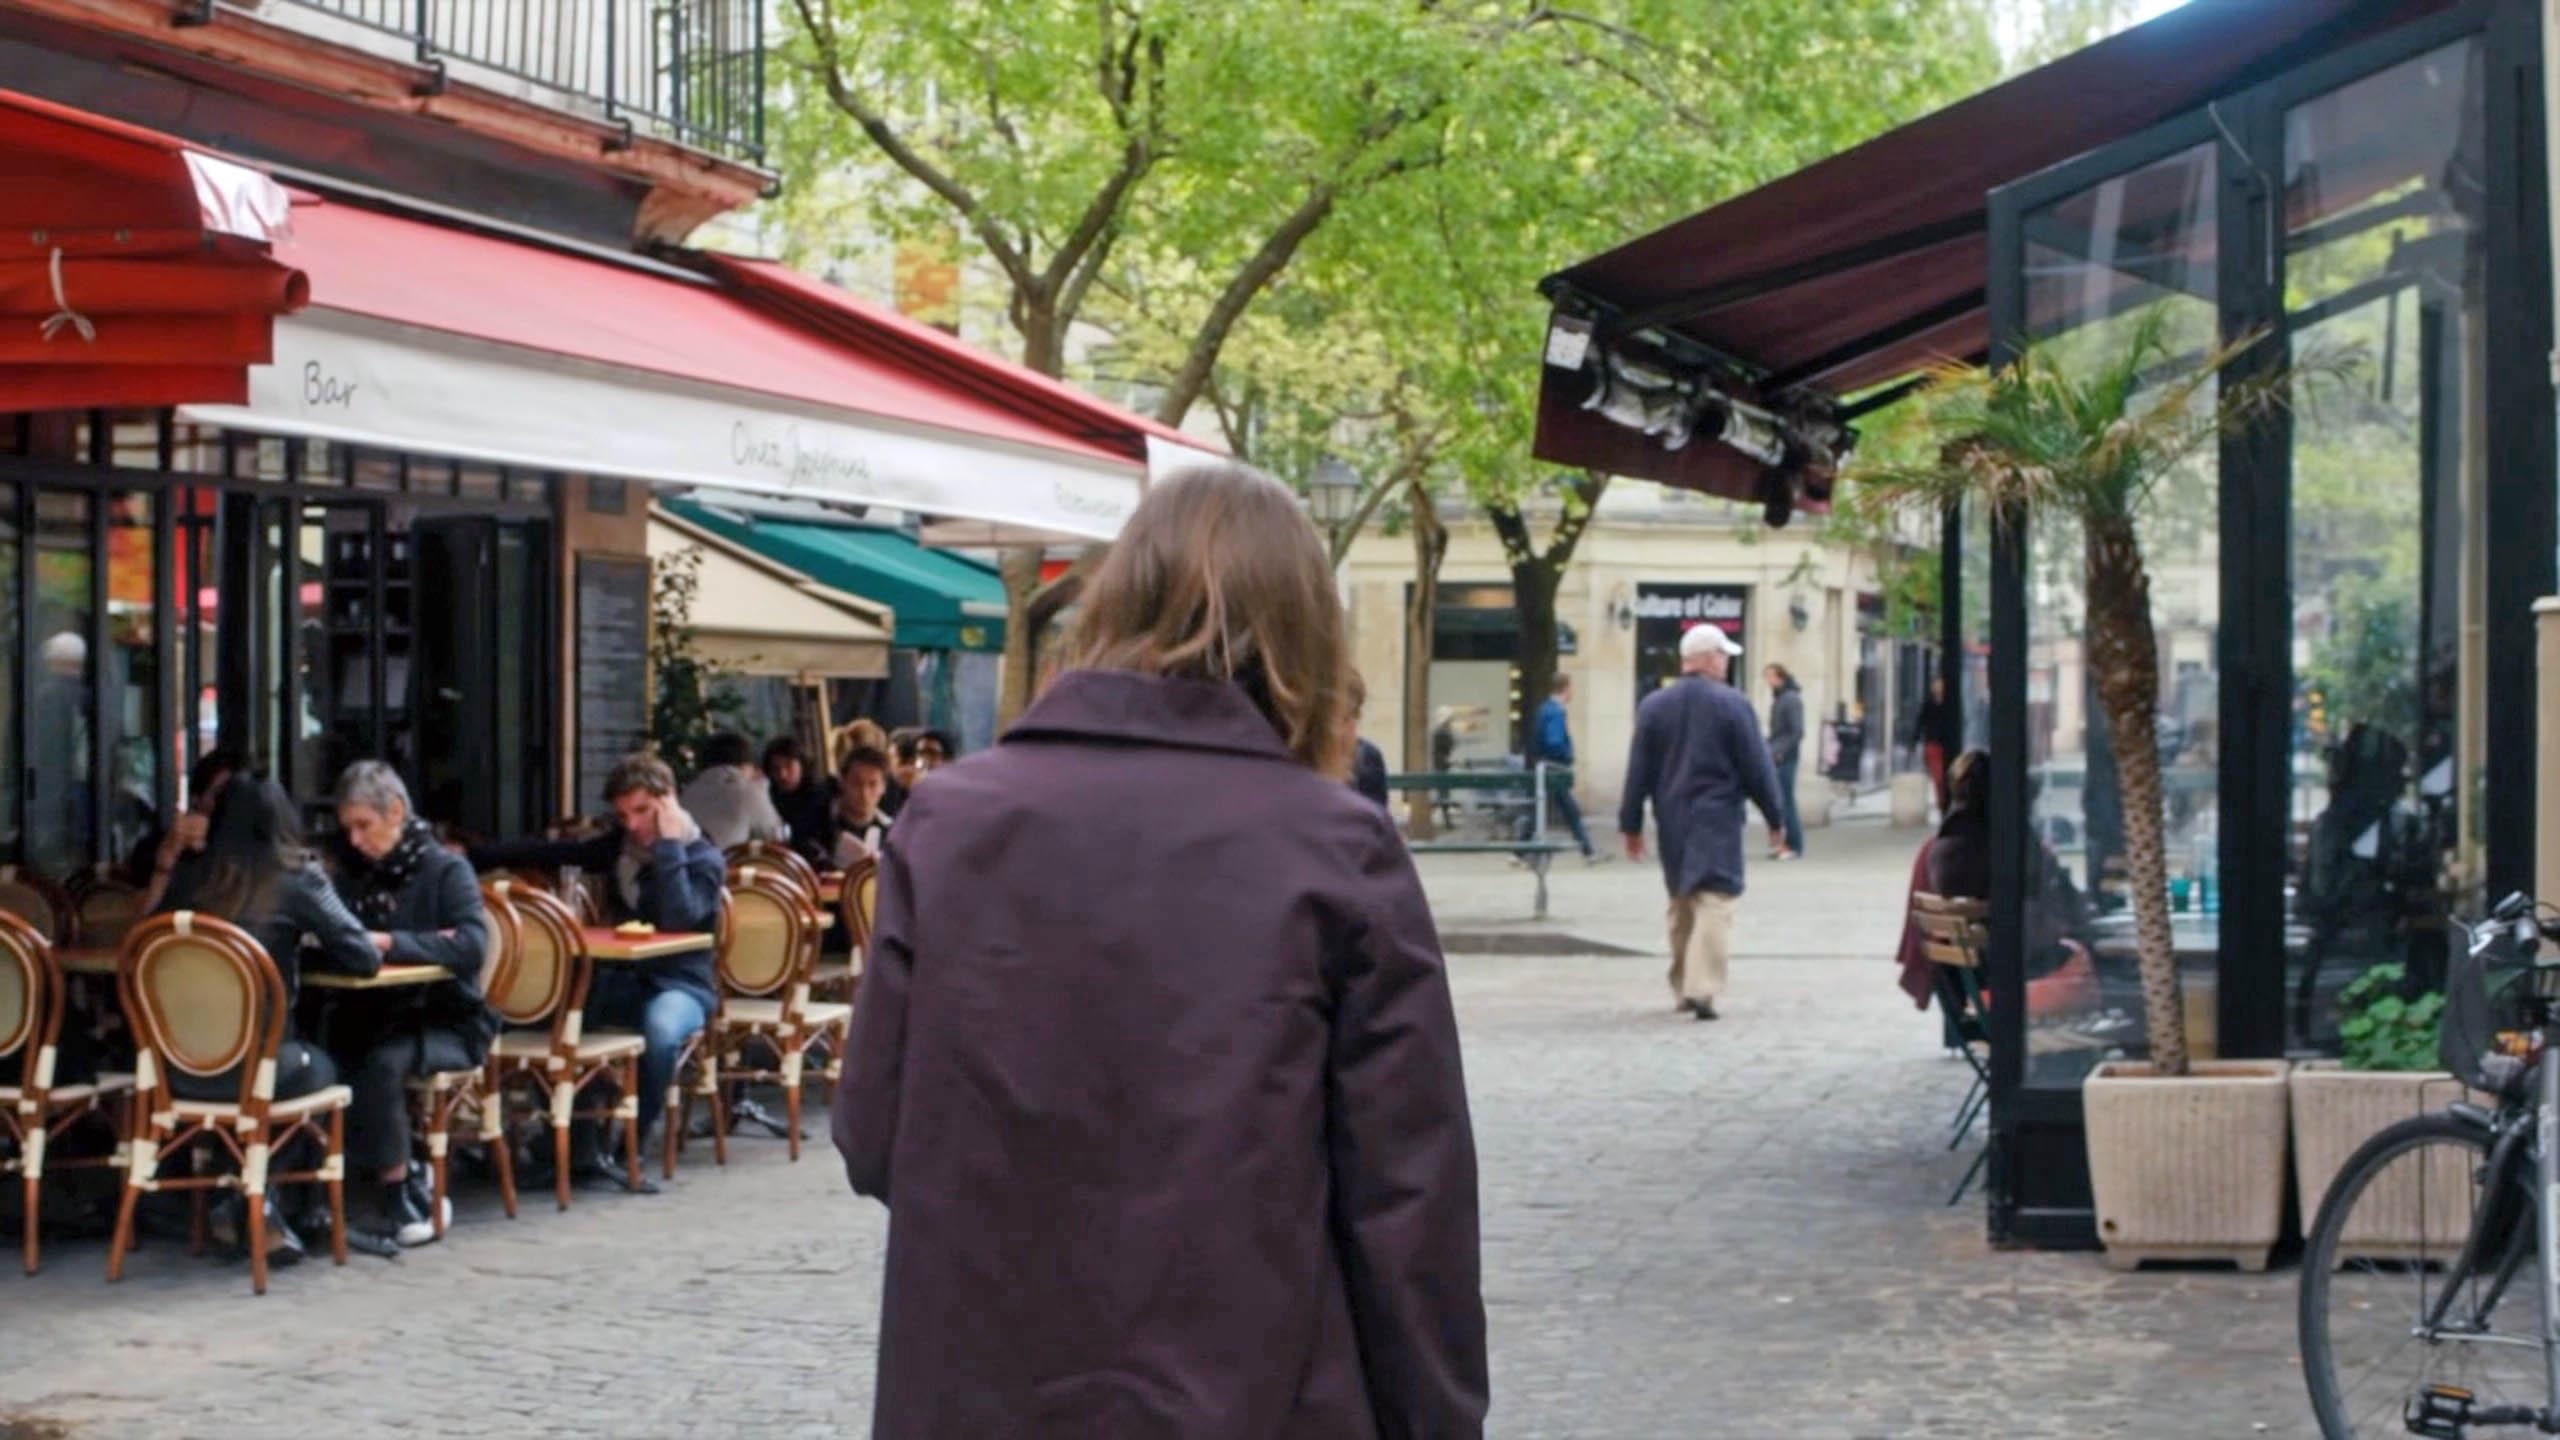 Place du Marché Sainte-Catherine, 75004